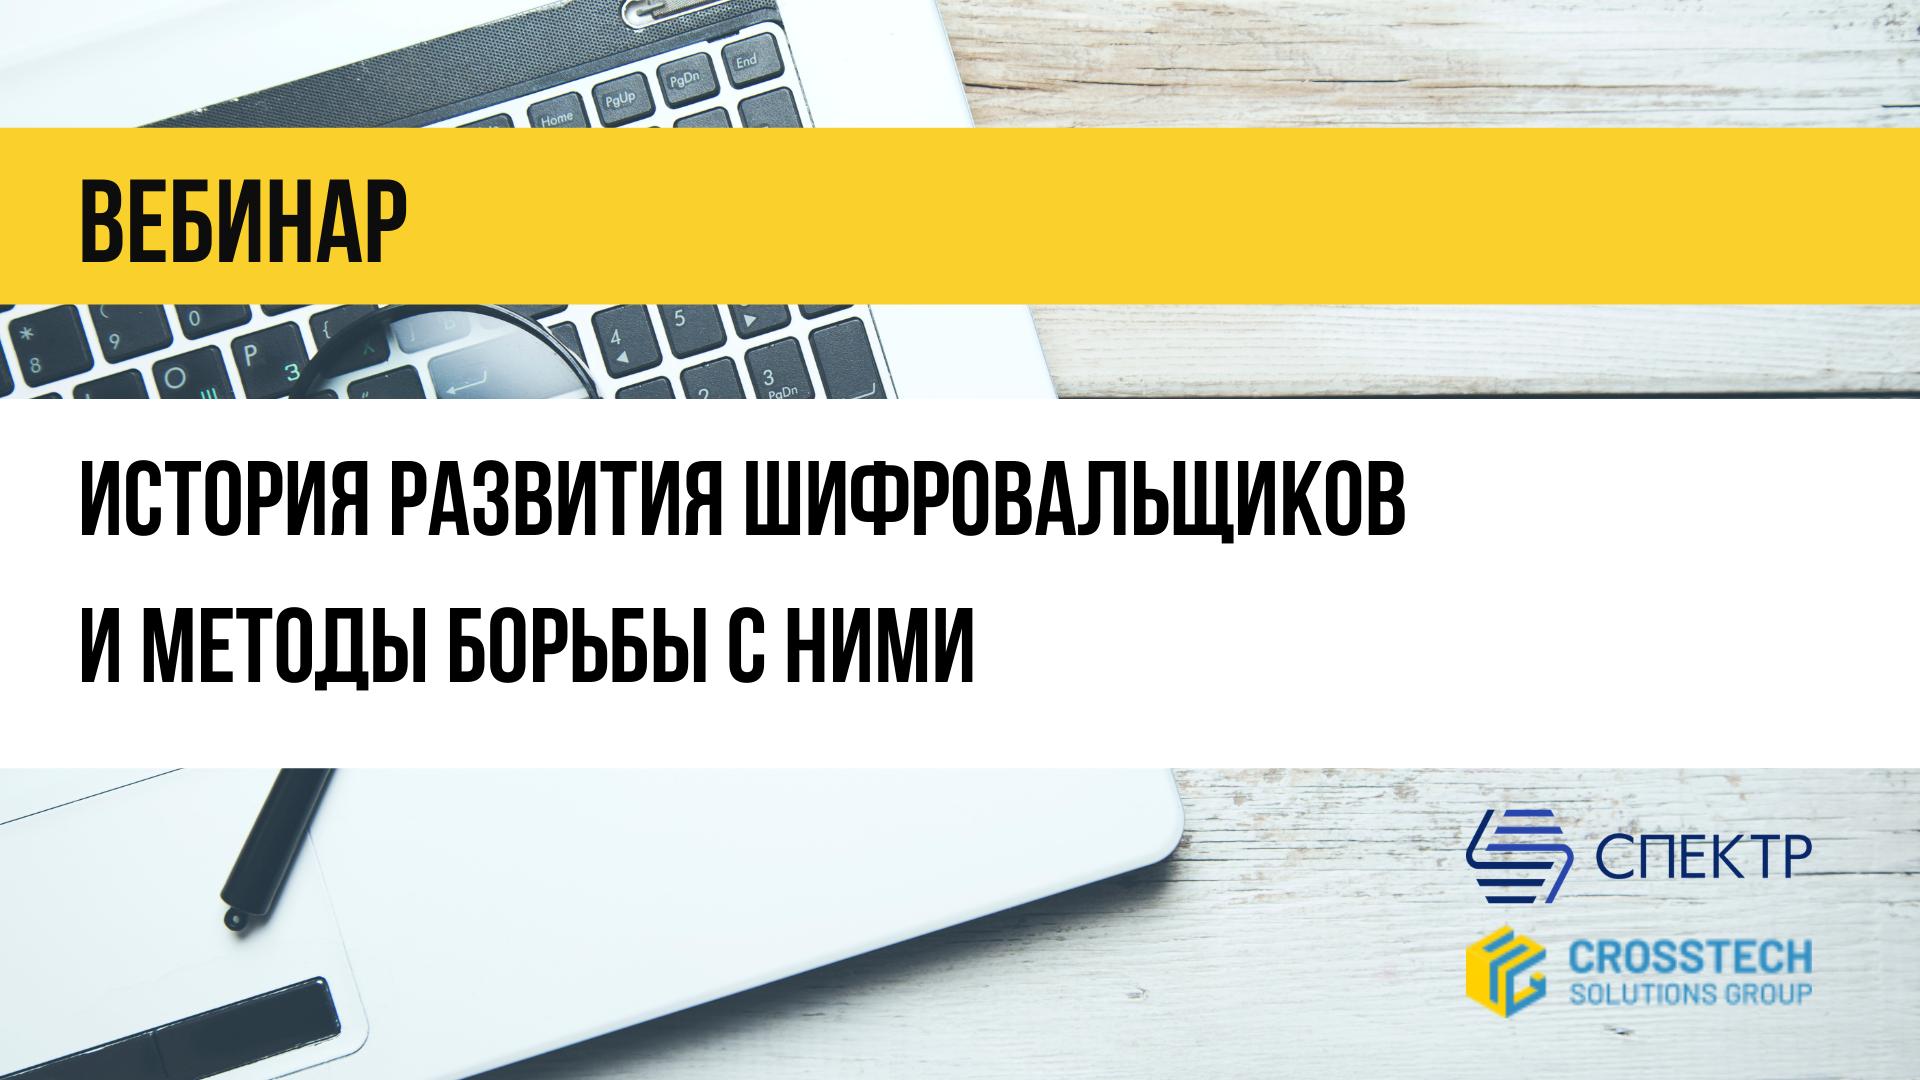 """Online-конференция Код ИБ онлайн на тему """"История развития шифровальщиков и методы борьбы с ними"""""""